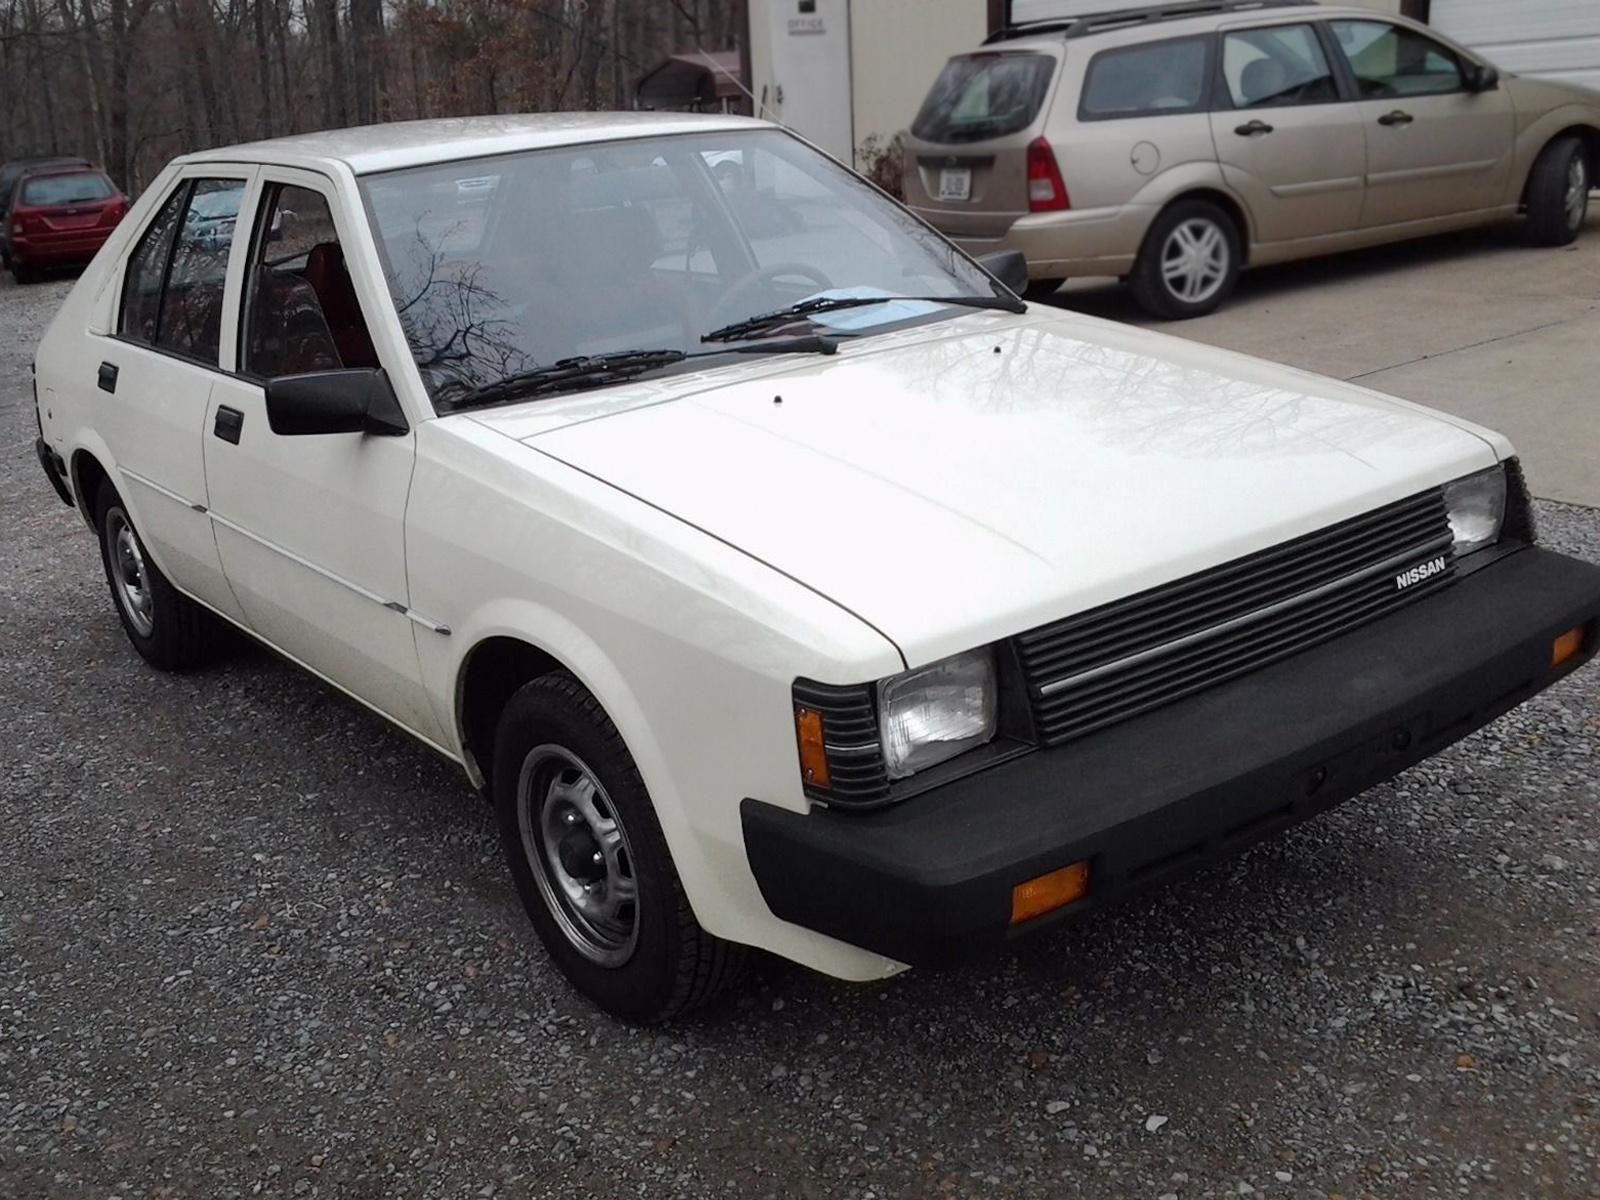 Albino Unicorn DatsunNissan Pulsar - Cool cars 1983